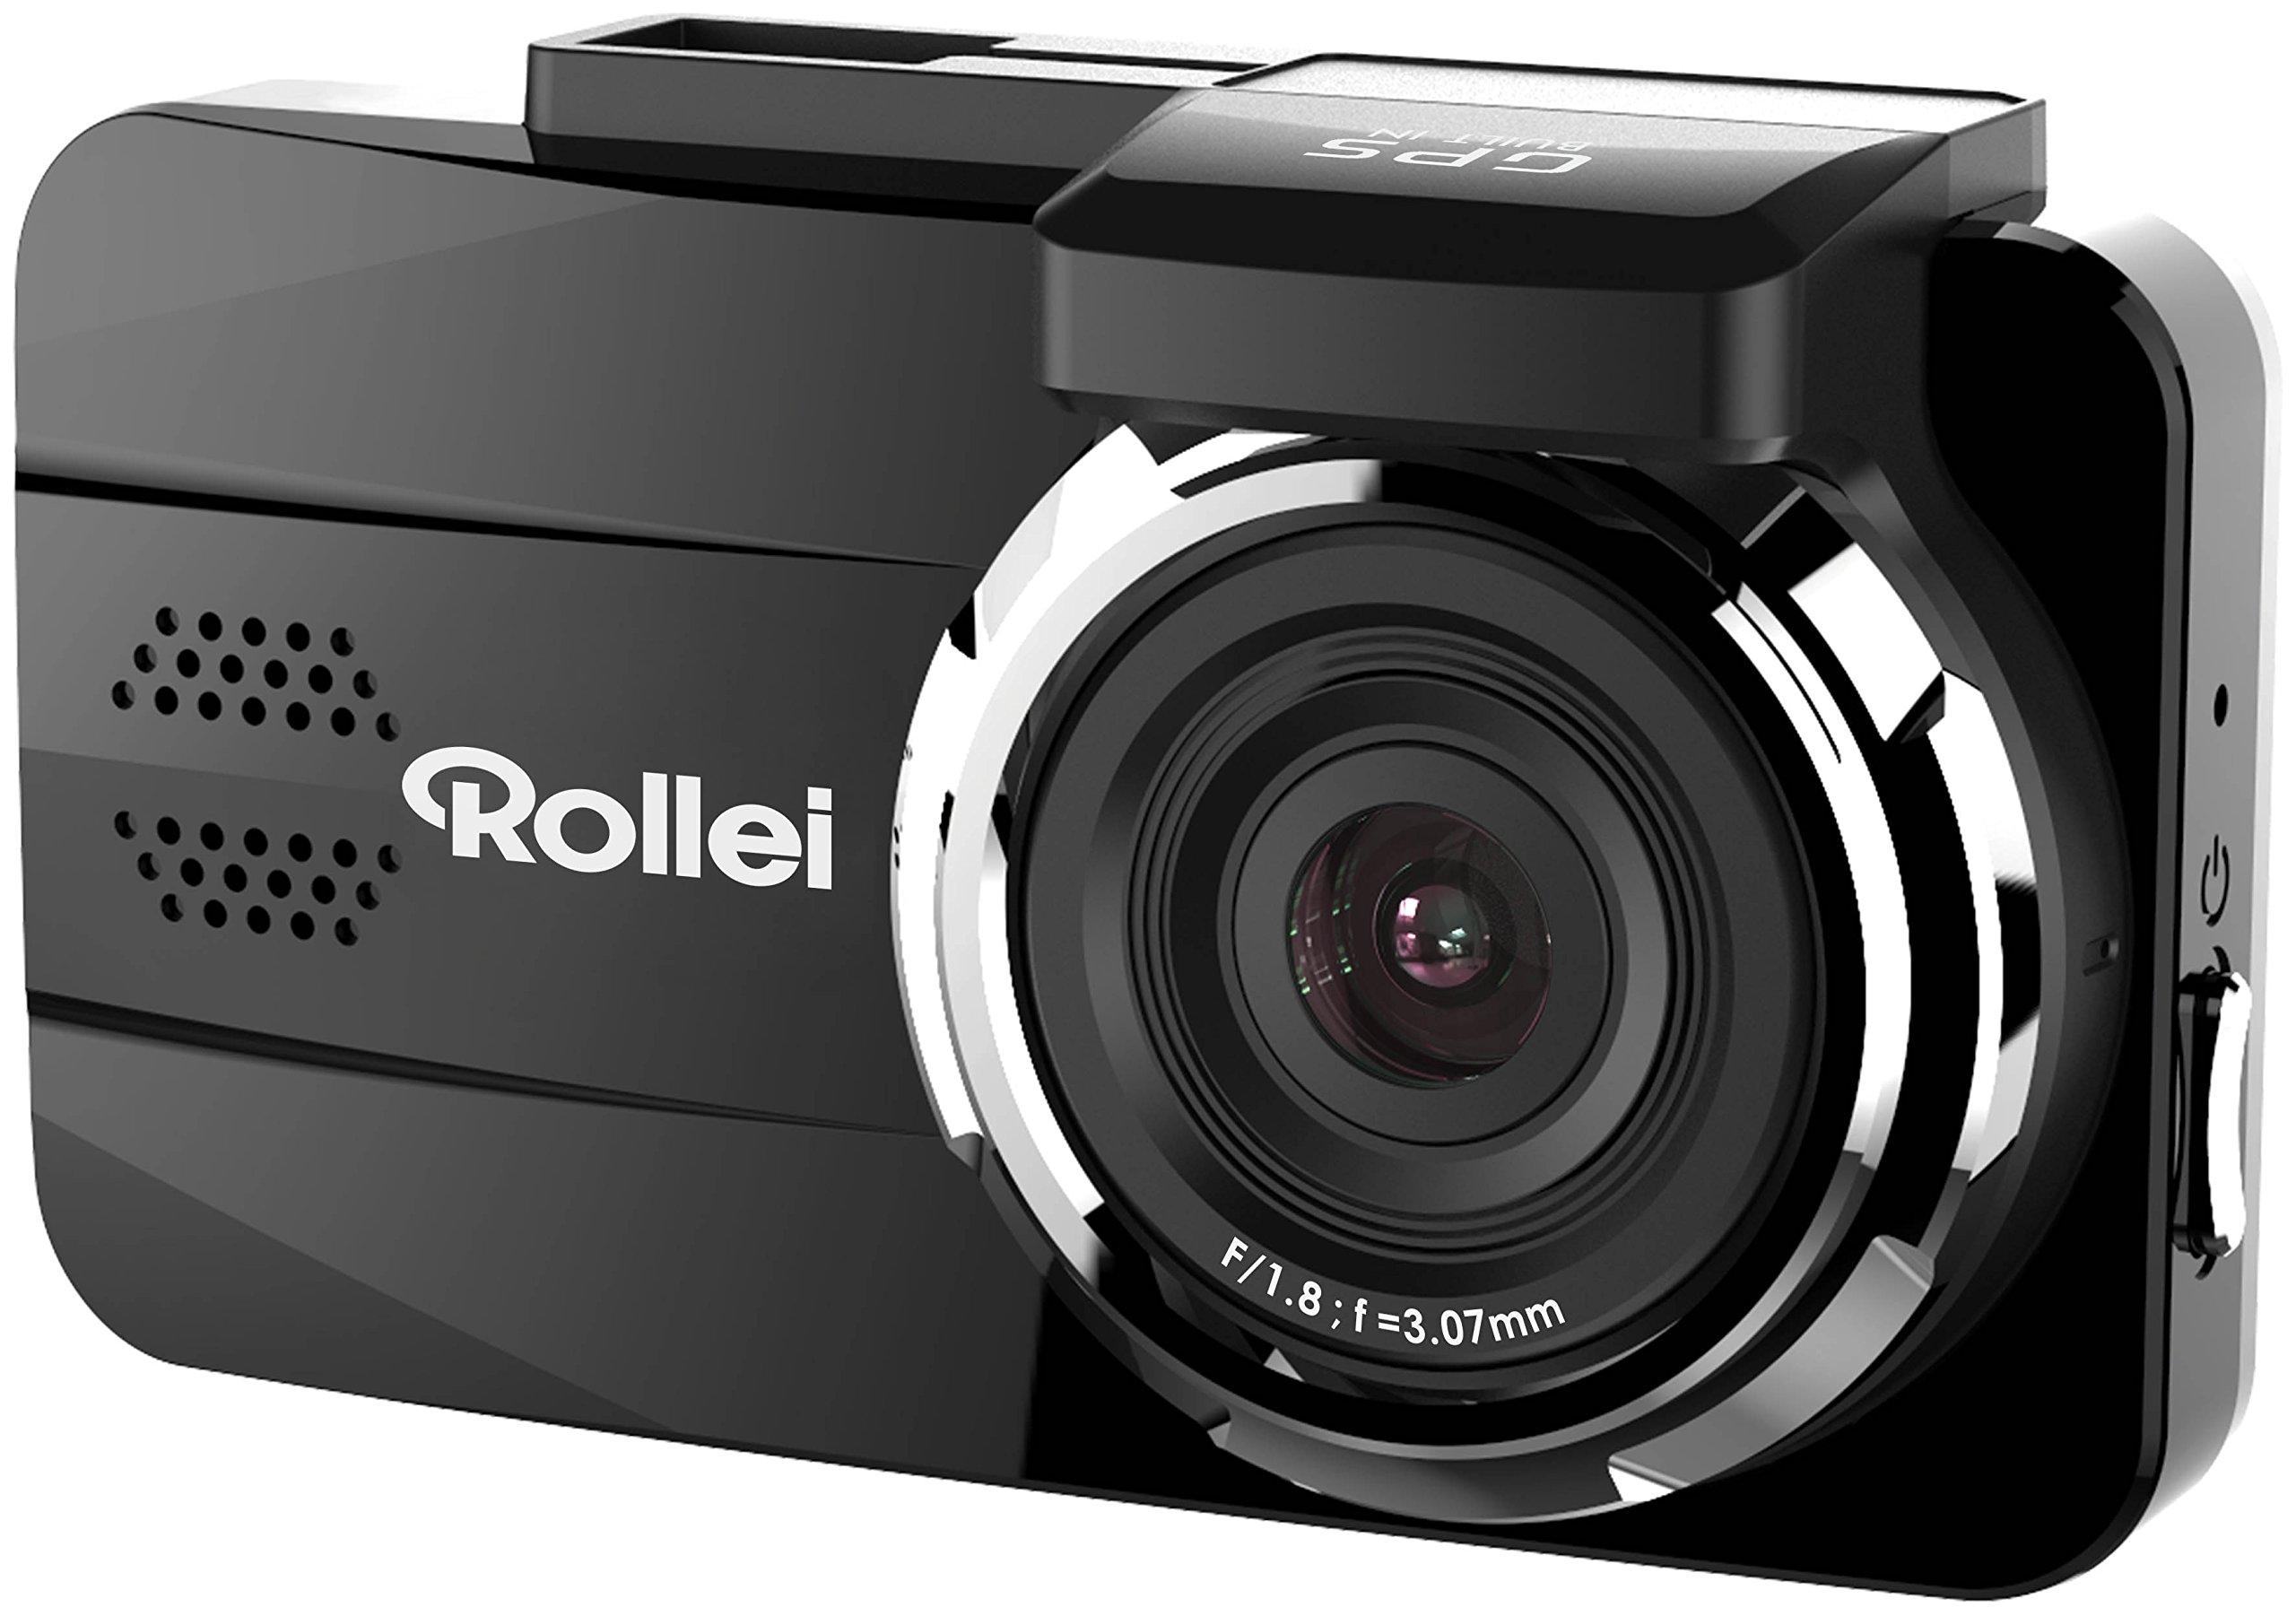 Rollei-CarDVR-308-Hochauflsende-GPS-Auto-Kamera